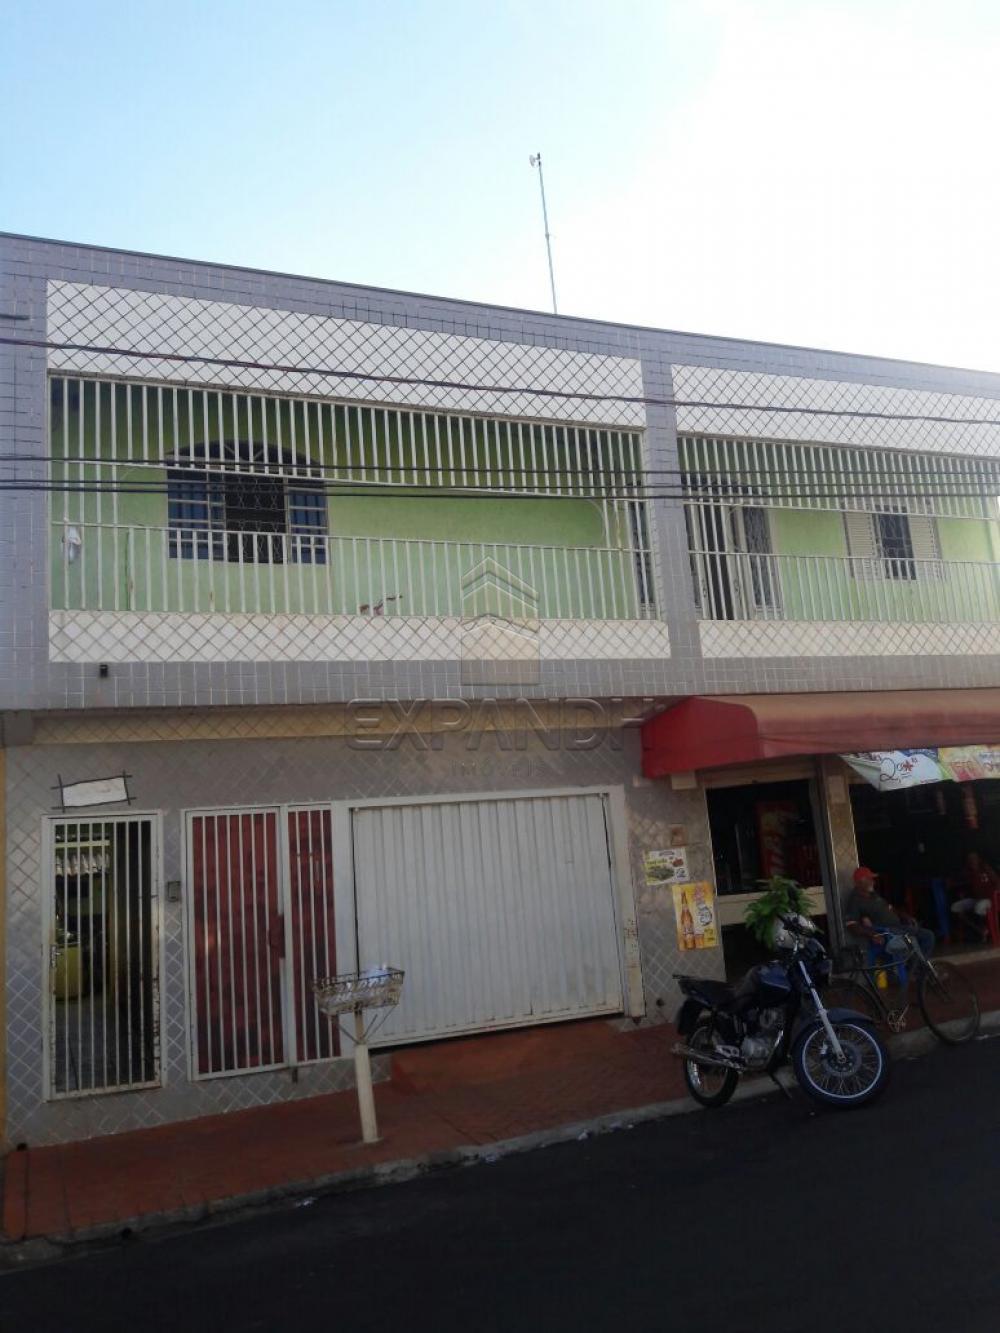 Comprar Casas / Padrão em Sertãozinho R$ 285.000,00 - Foto 1